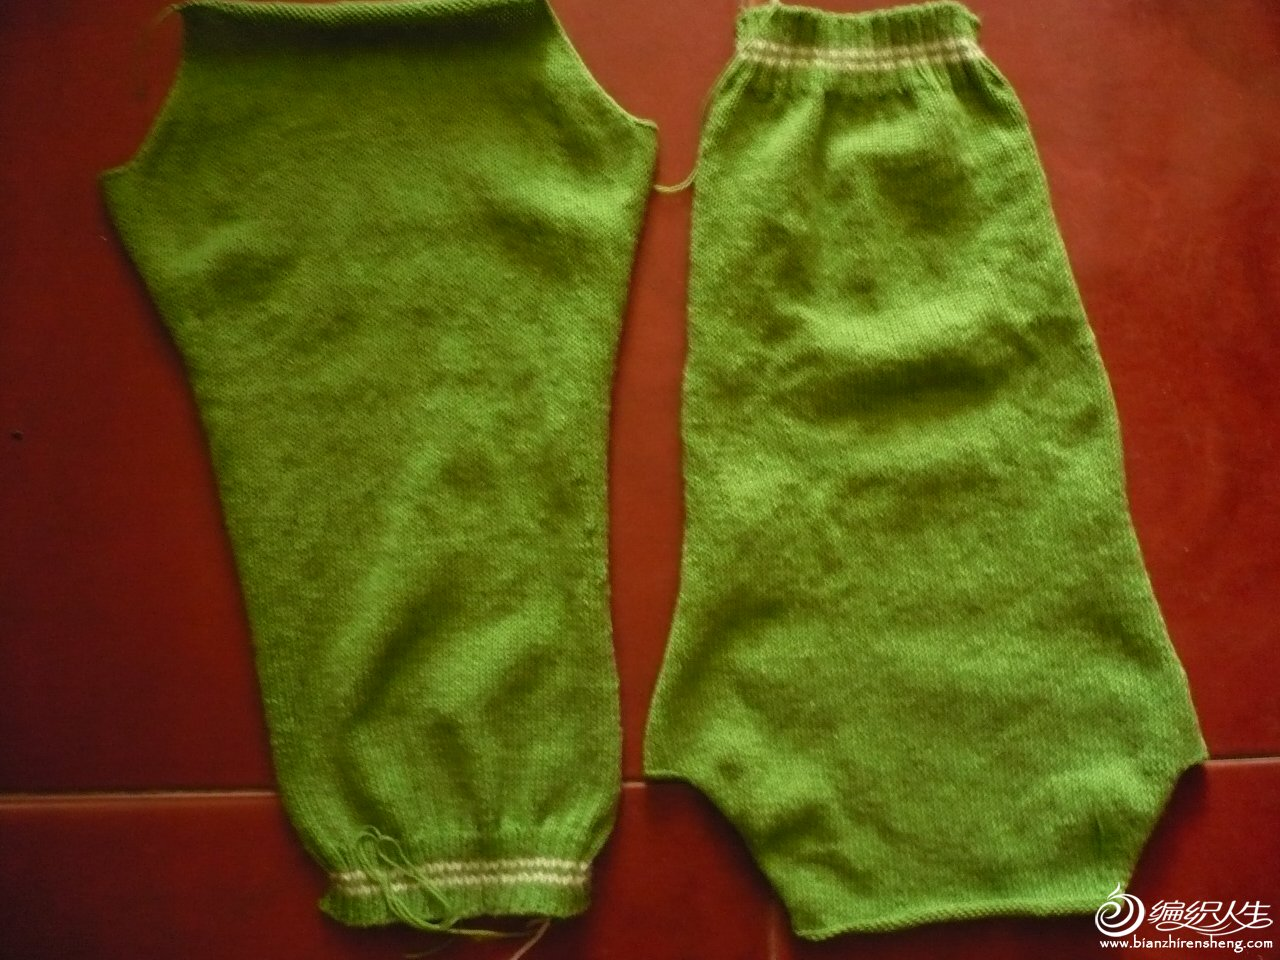 绿衣袖子.JPG